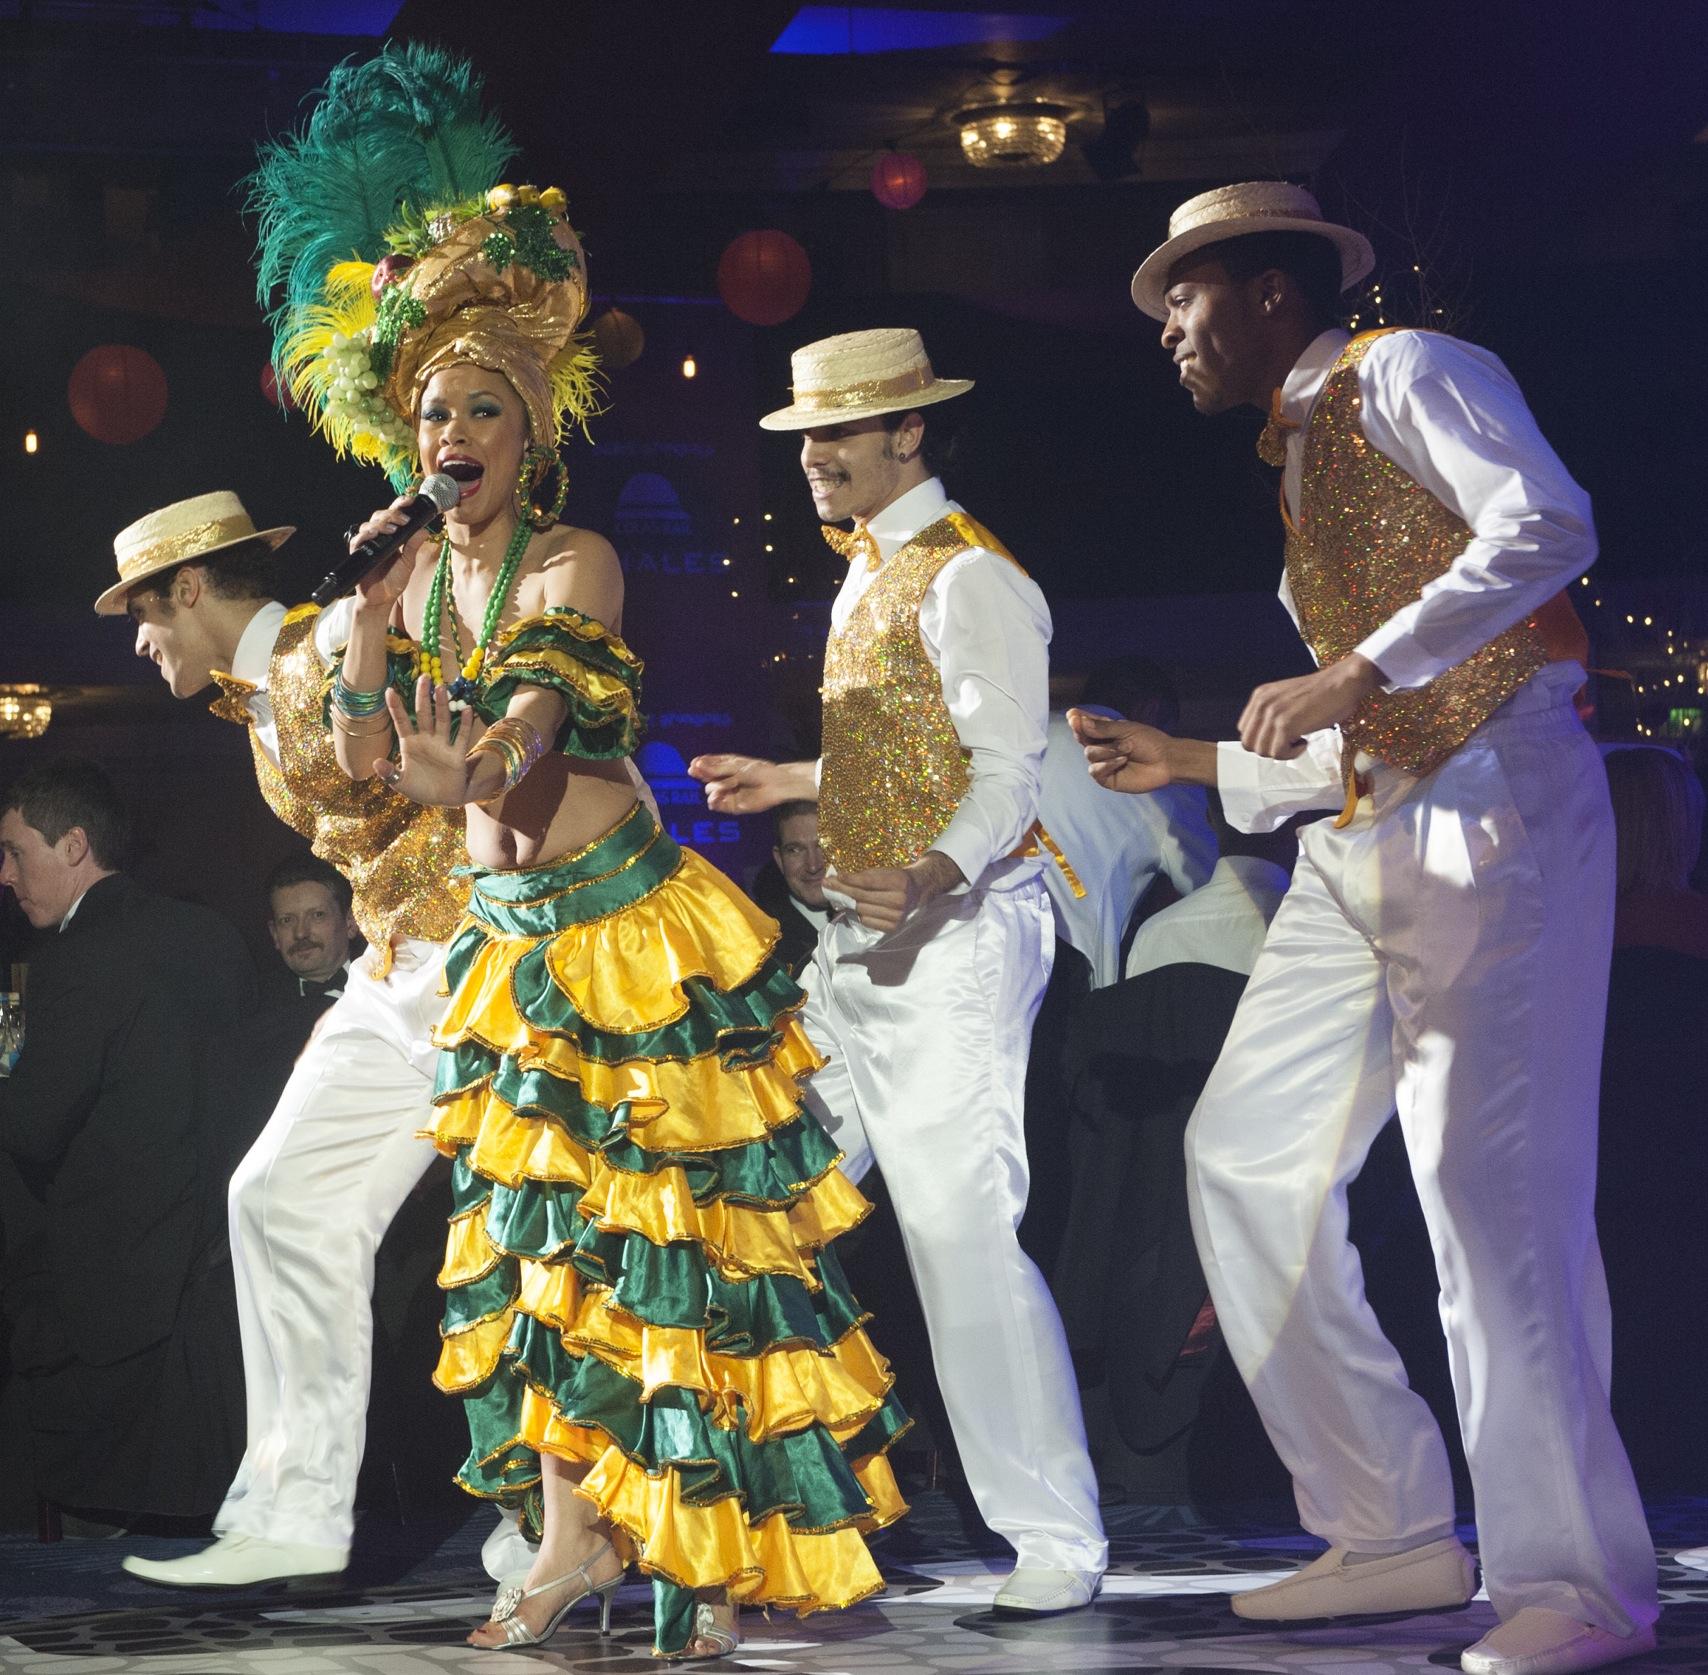 Live Brazilian Cabaret